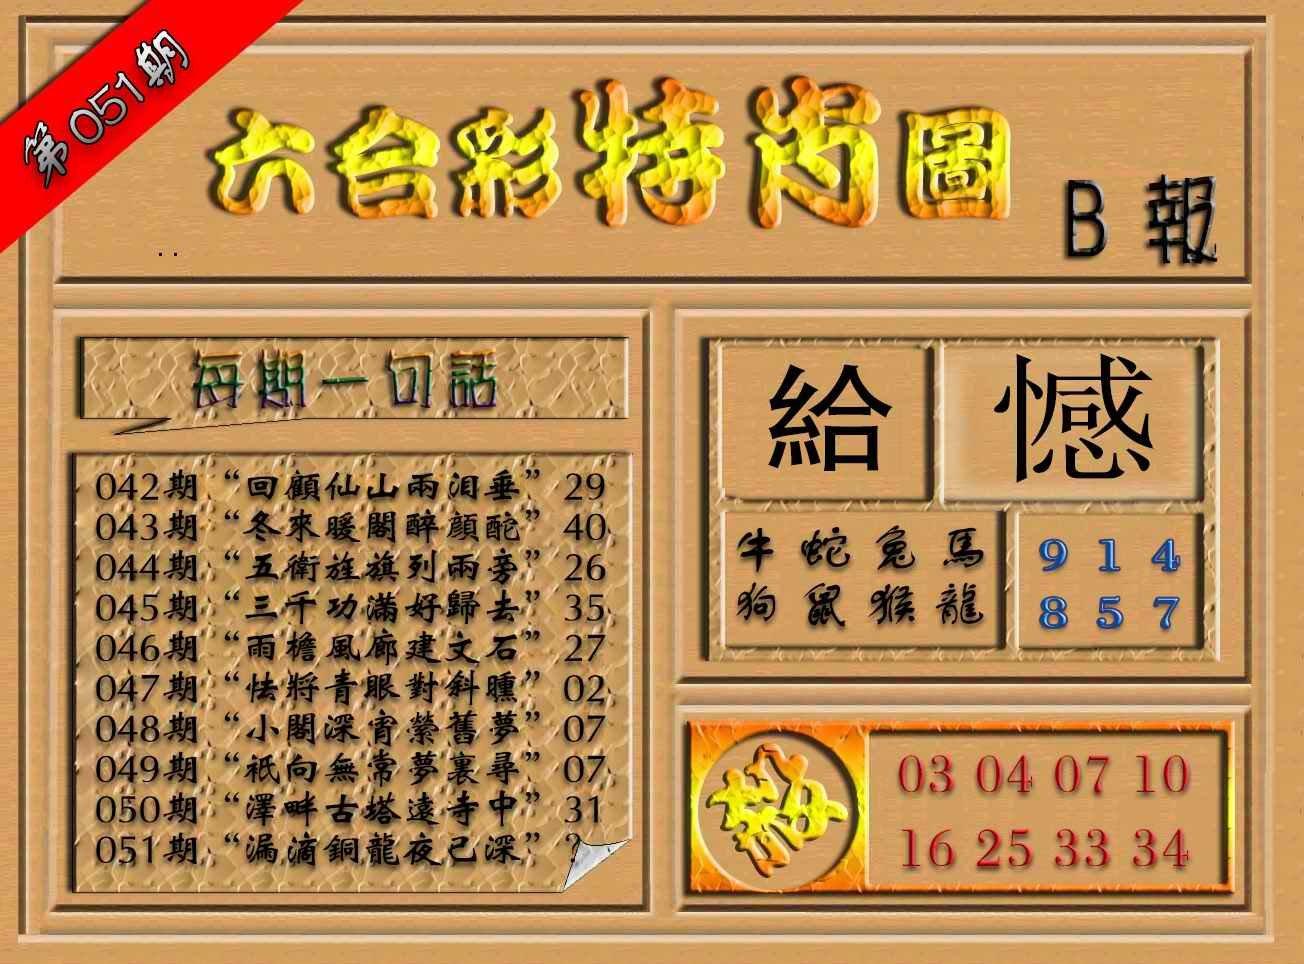 051期六合彩特肖图(B报)